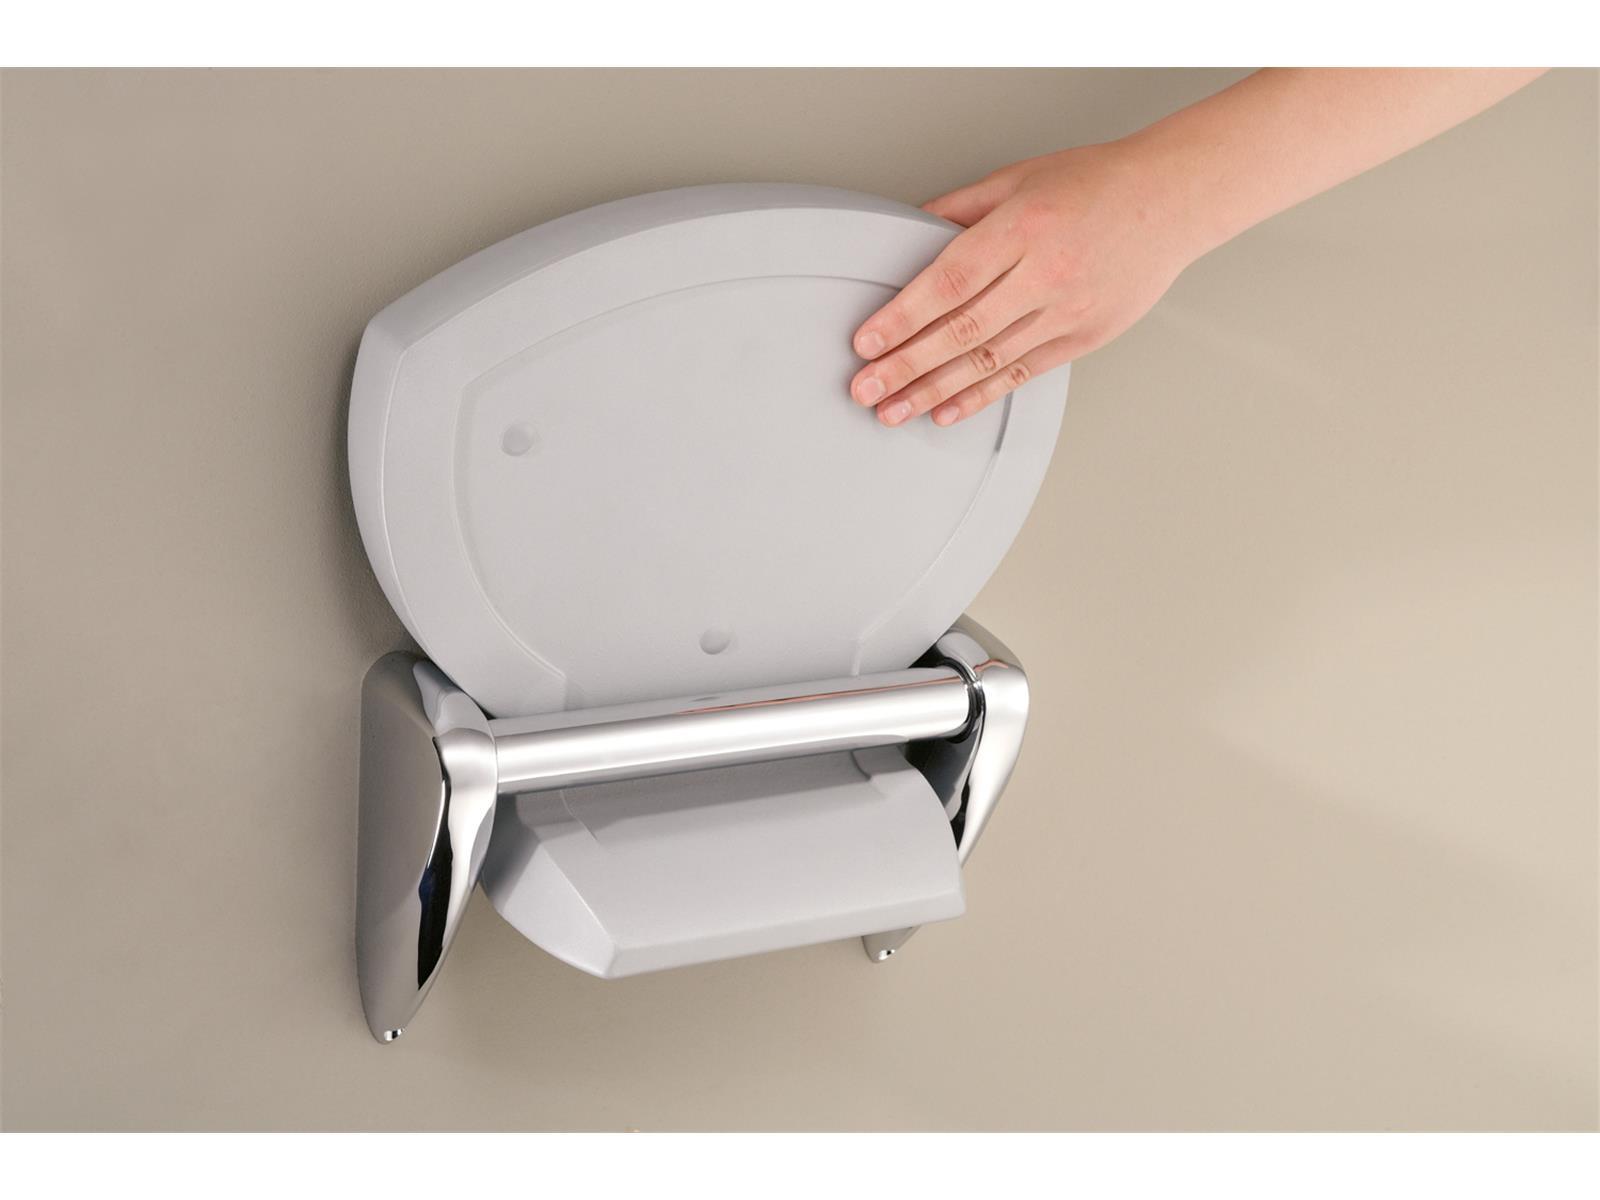 HSK Komfort & Pflege - Solida-Duschsitz